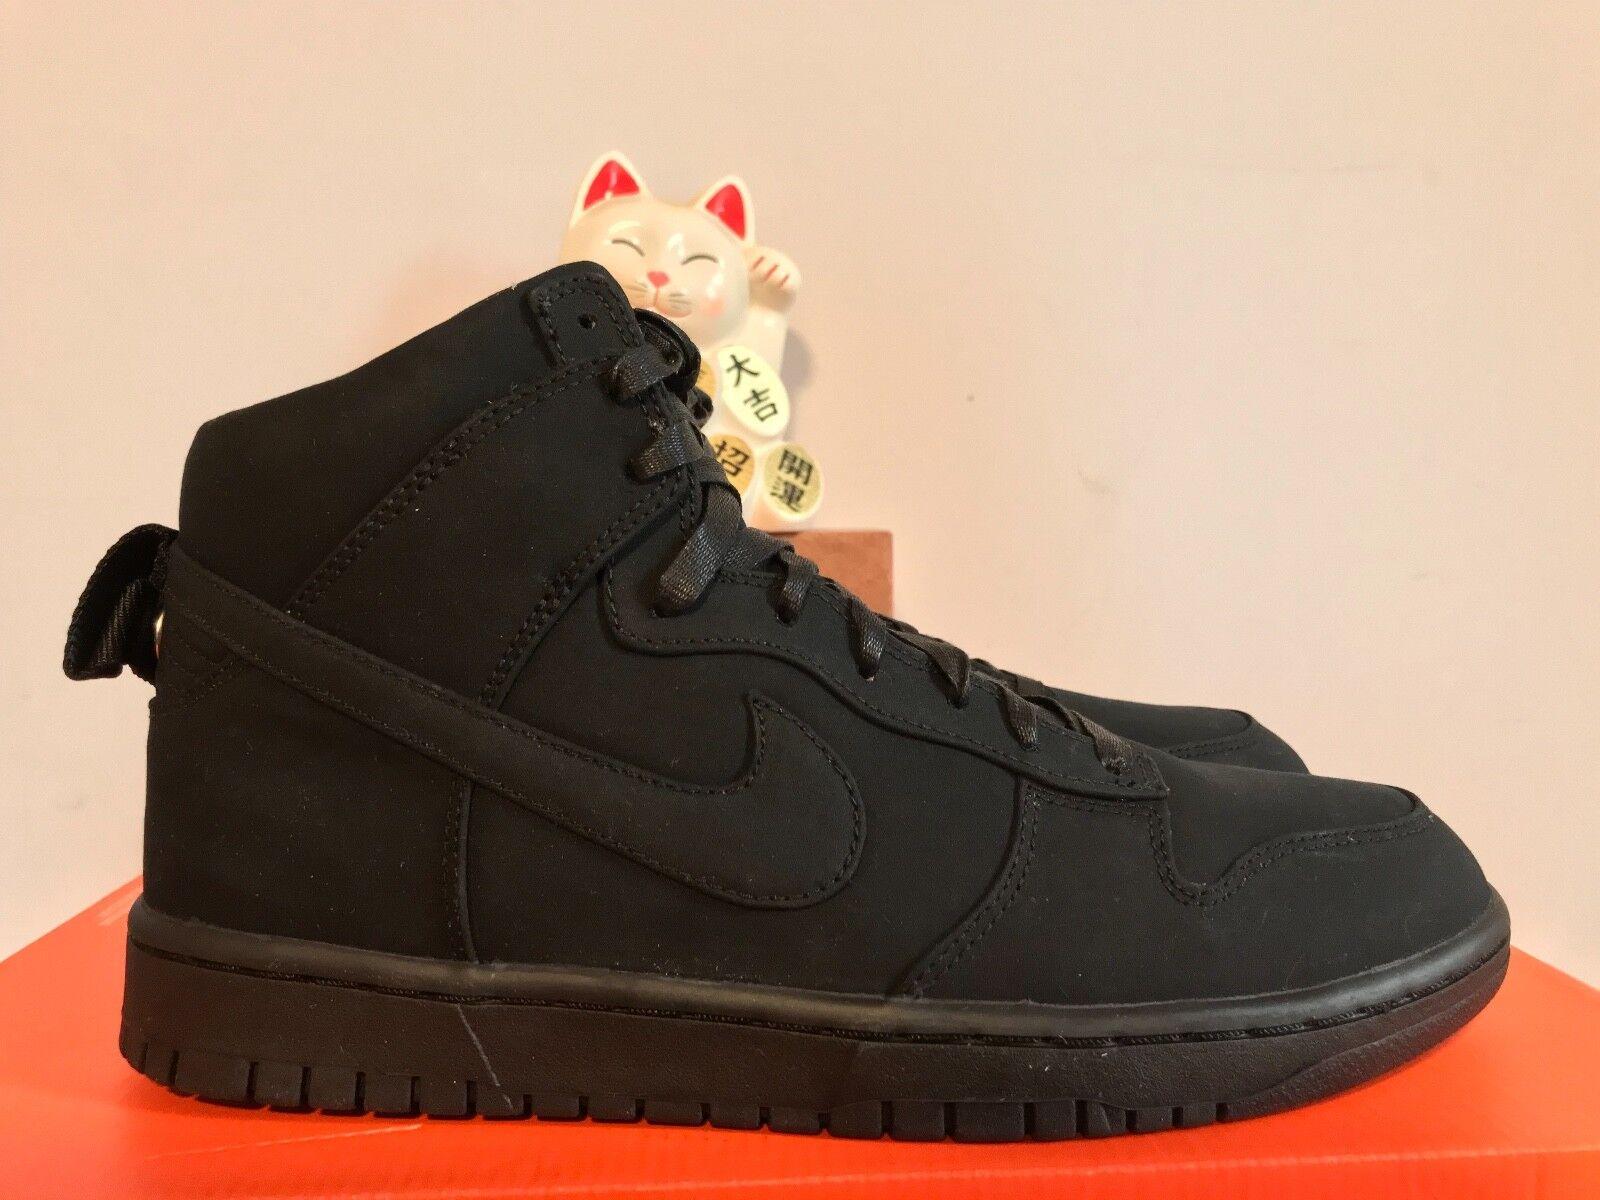 half off 24ea3 7d29e Nike canestro alto lux   sp   lux dsm dover street mercato nero nuovo Uomo  9,5 ...